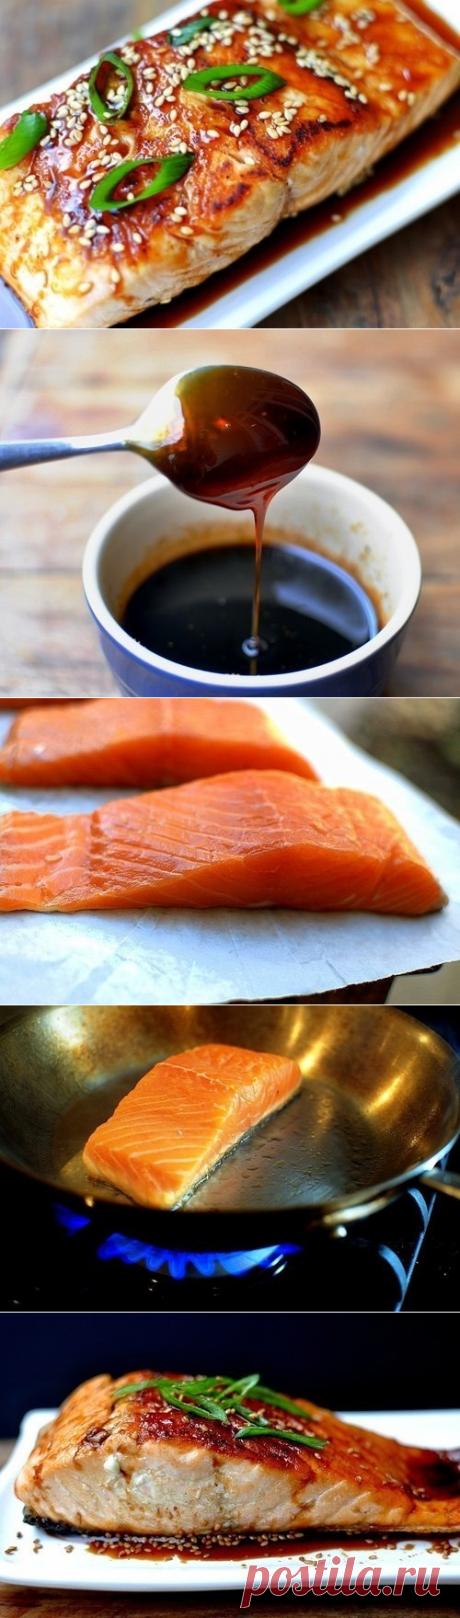 Как приготовить лосось в глазури из соевого соуса. - рецепт, ингридиенты и фотографии